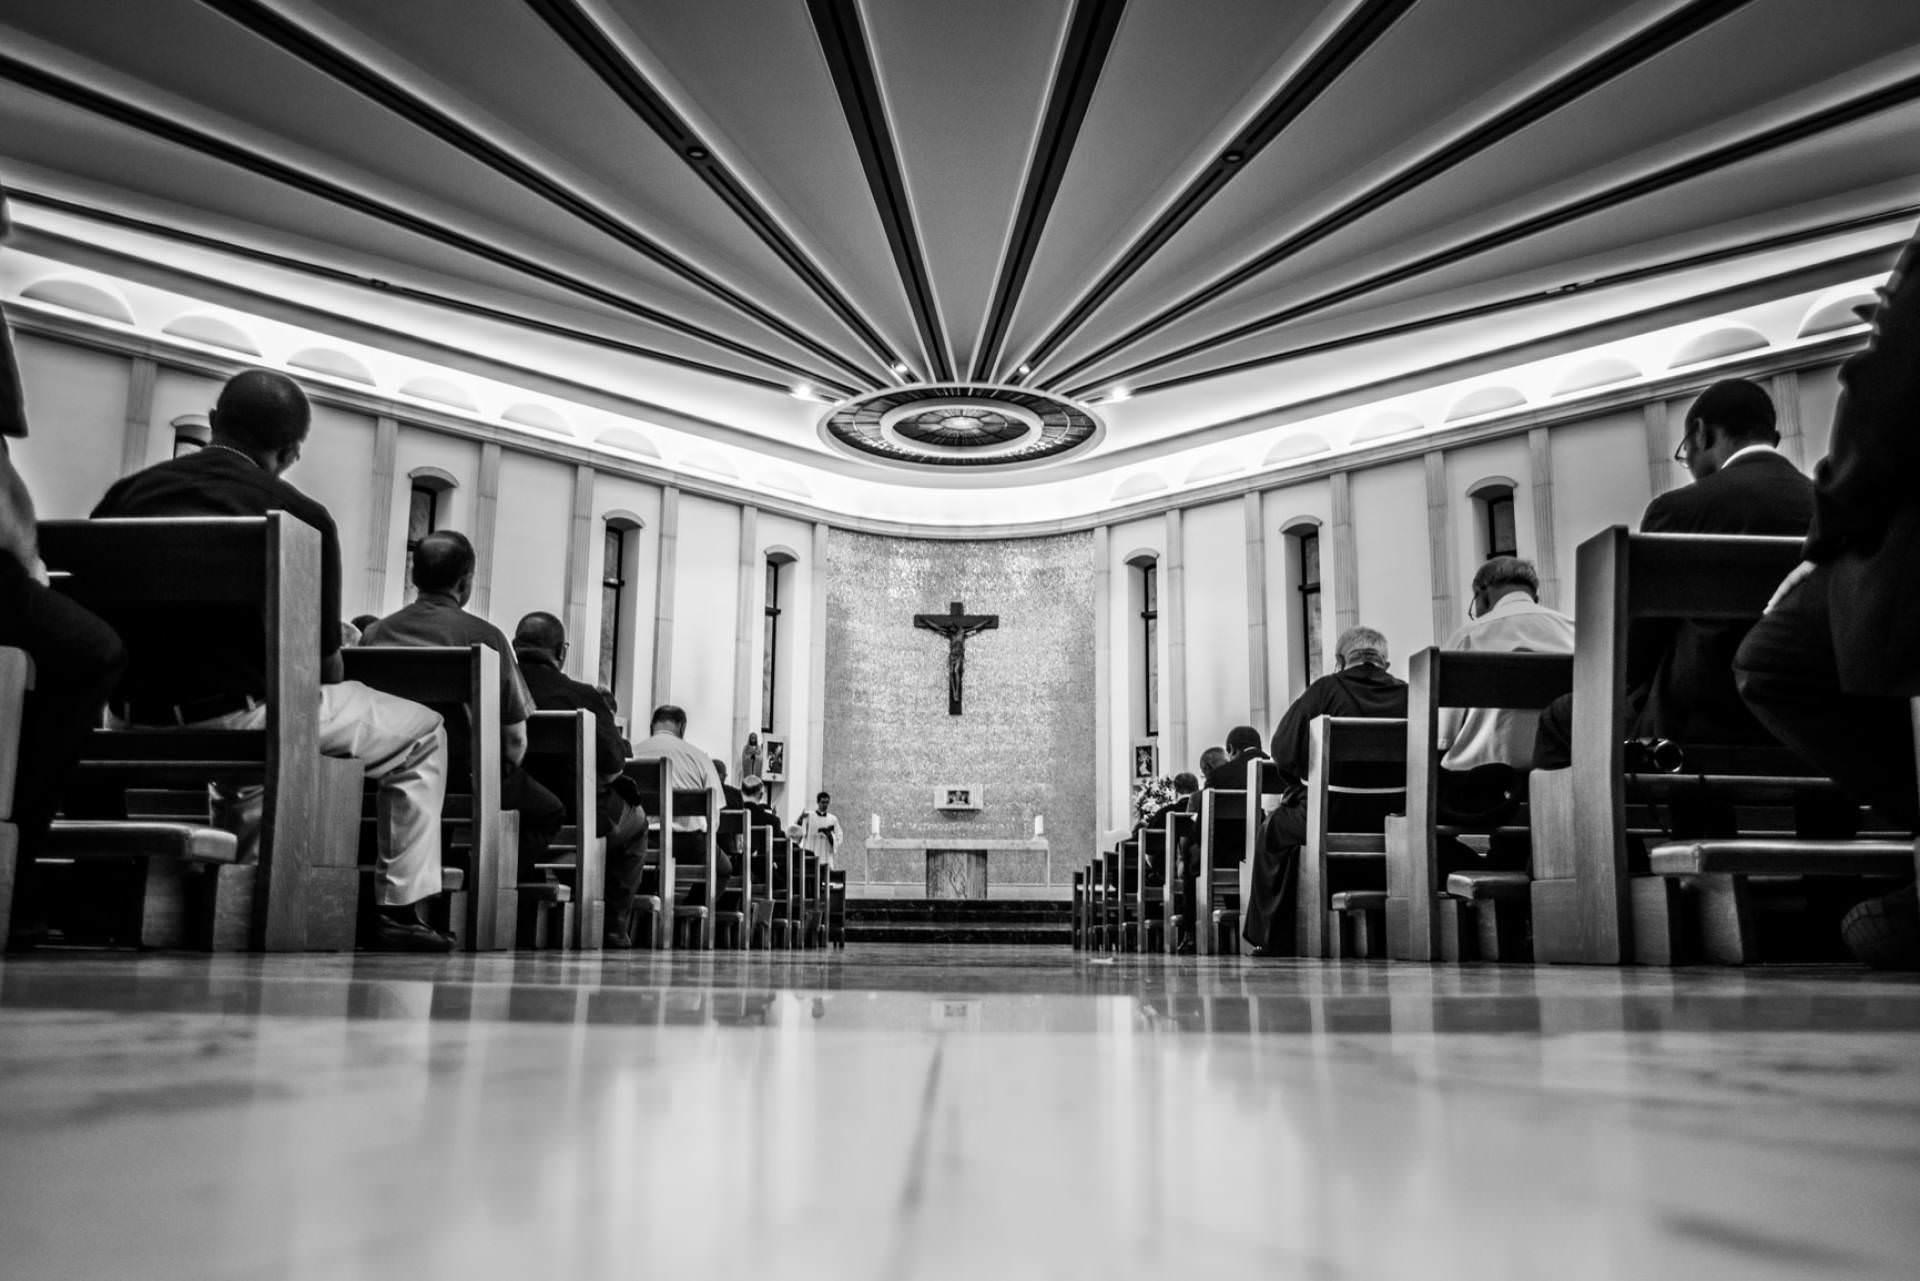 Igreja está em oração pelo fim da pandemia do Coronavírus